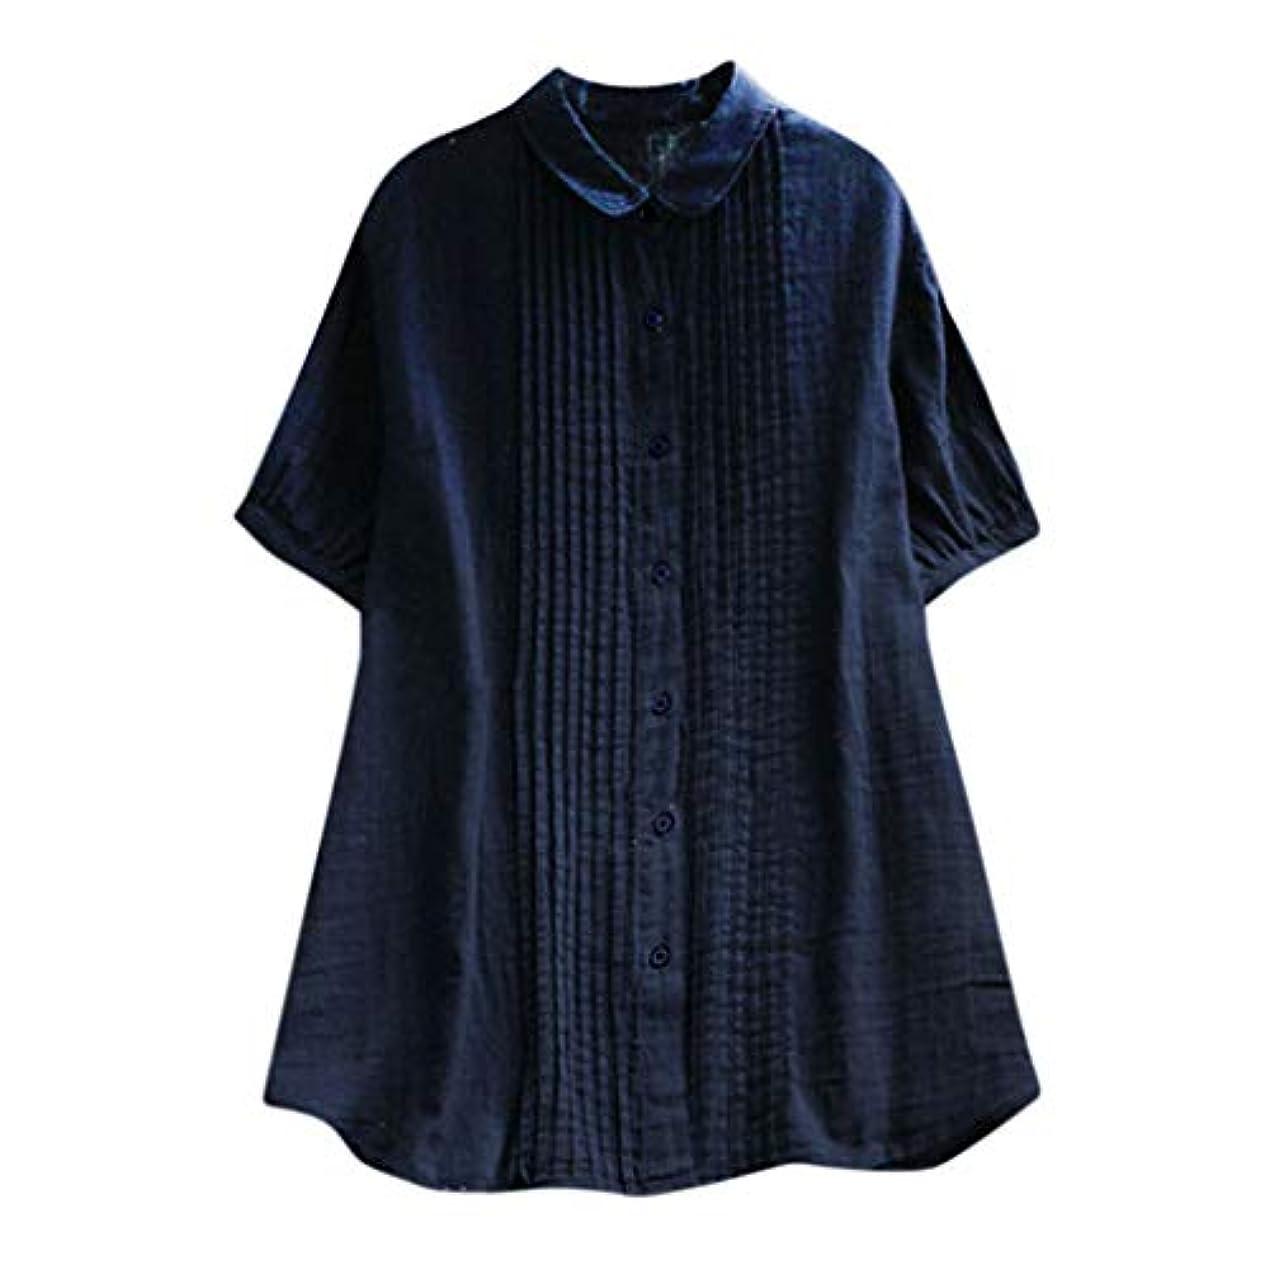 間違いなくメロドラマティック固有の女性の半袖Tシャツ - ピーターパンカラー夏緩い無地カジュアルダウントップスブラウス (青, 2XL)